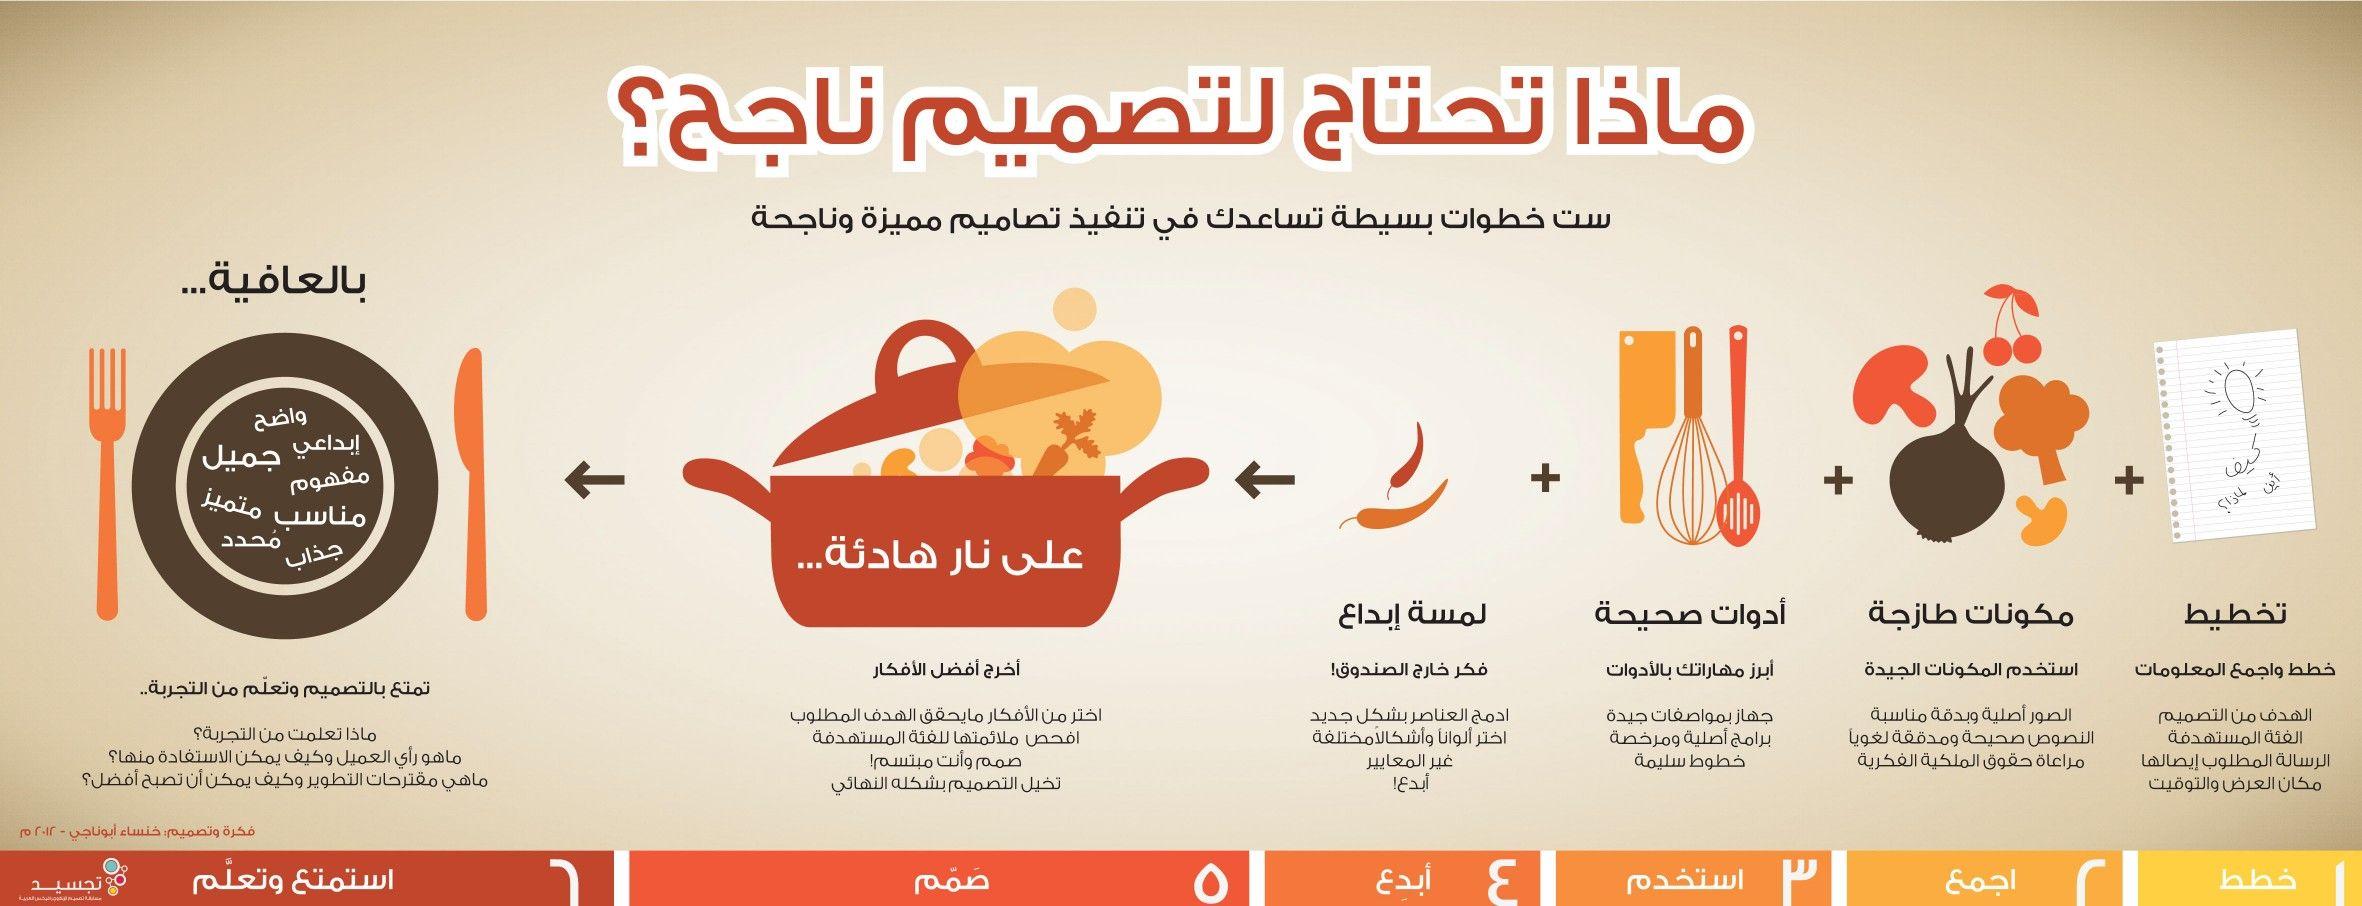 ماذا تحتاج لتقدم تصميم ناجح Life Skills Teach Arabic Positive Discipline